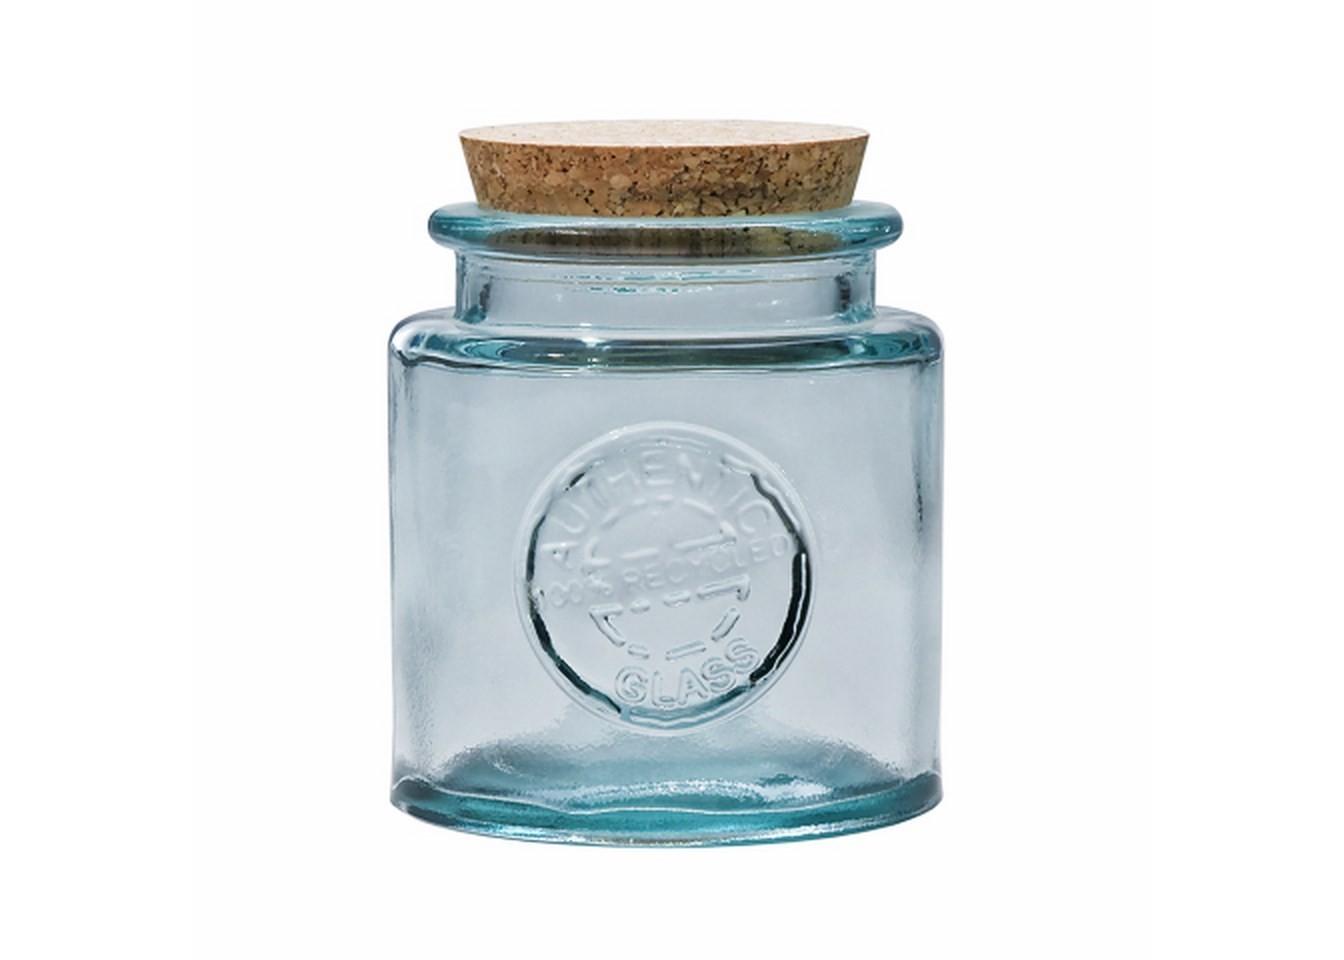 БанкаЕмкости для хранения<br>&amp;lt;span style=&amp;quot;line-height: 22.7272px;&amp;quot;&amp;gt;San Miguel (Испания) – компания, которая занимается производством очень качественной и оригинальной продукции из переработанного стекла:&amp;amp;nbsp;&amp;lt;/span&amp;gt;&amp;lt;span style=&amp;quot;line-height: 22.7272px;&amp;quot;&amp;gt;посуды, бутылок, ваз, сувениров, украшений и многого другого&amp;lt;/span&amp;gt;&amp;lt;span style=&amp;quot;line-height: 22.7272px;&amp;quot;&amp;gt;.&amp;lt;/span&amp;gt;<br><br>Material: Стекло<br>Height см: 17<br>Diameter см: 16